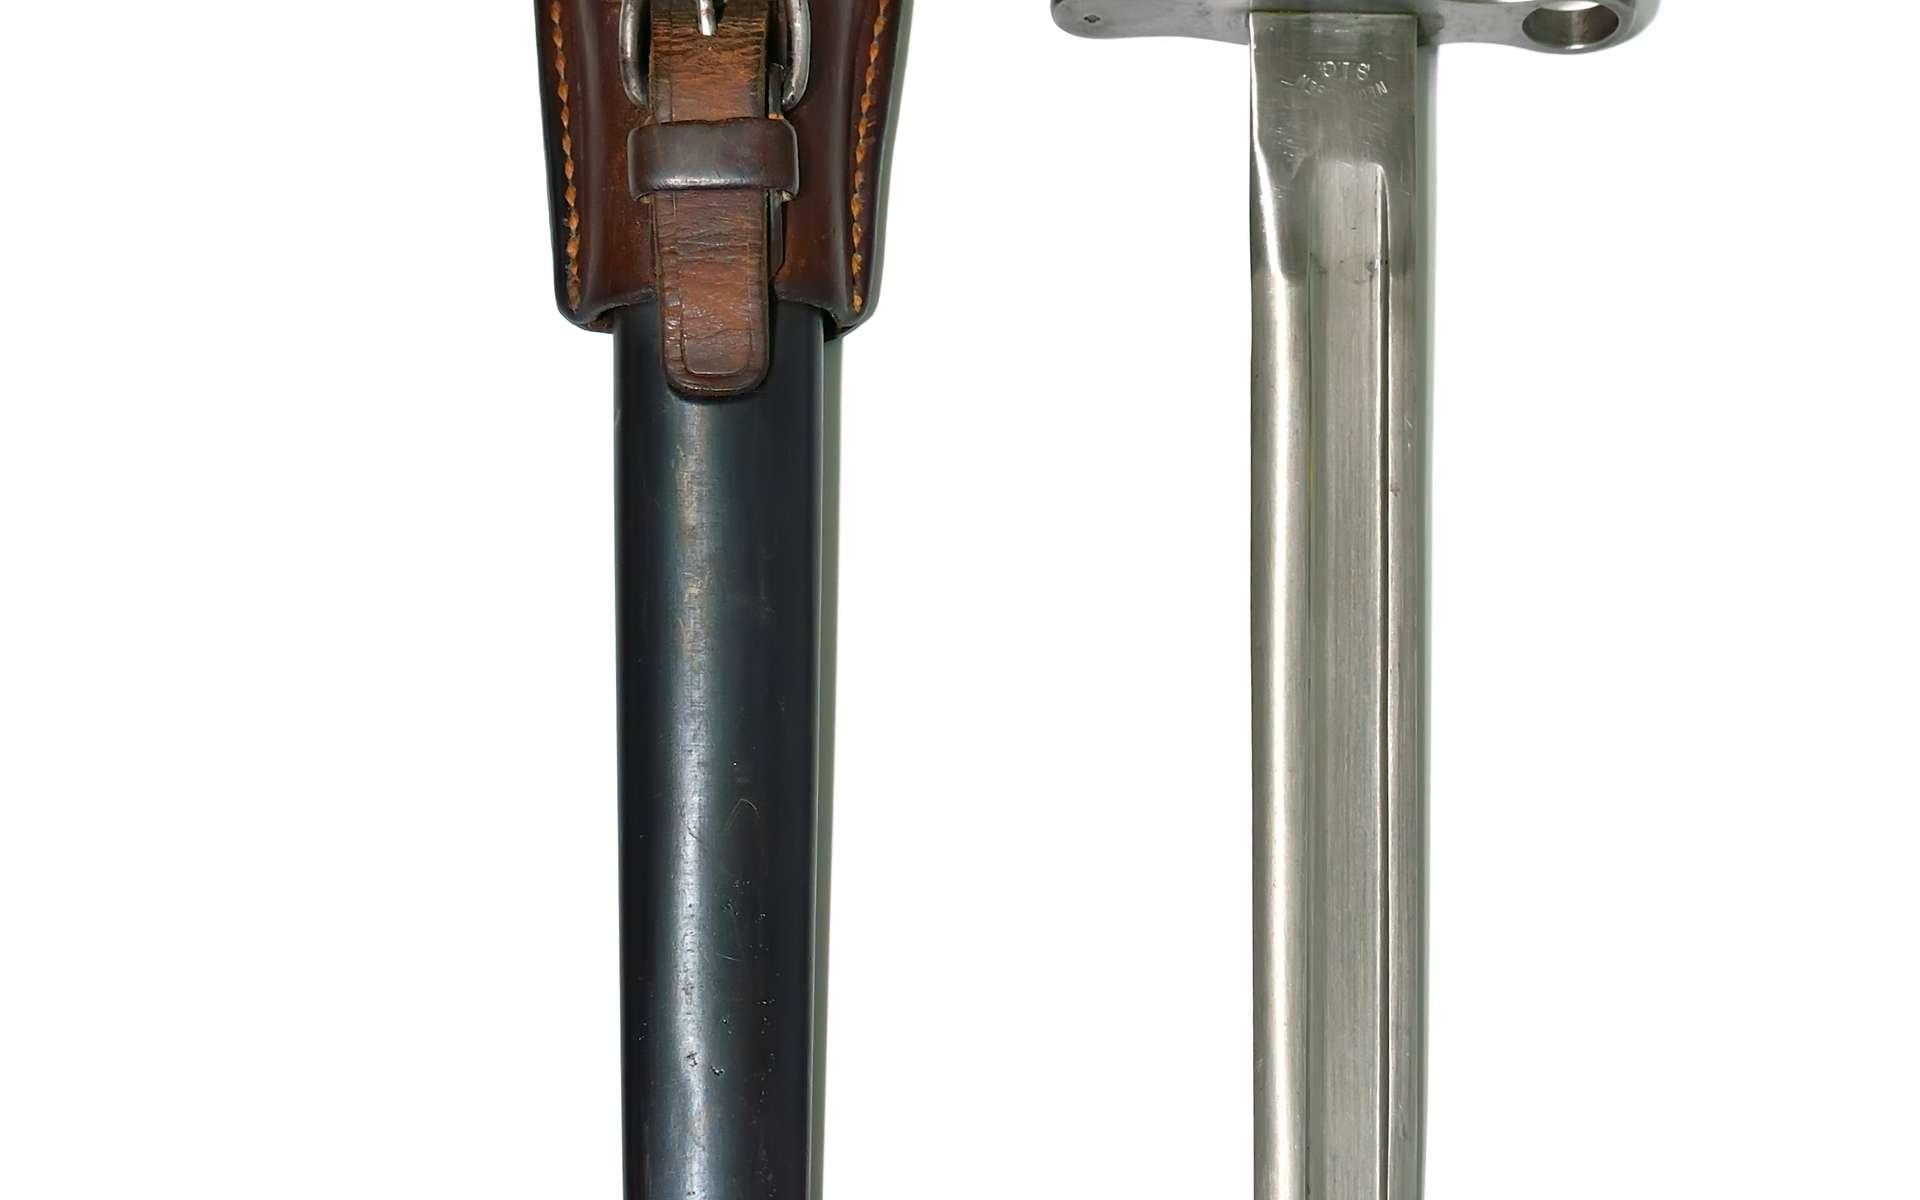 Un adent, en mécanique, est une encoche d'une liaison baïonnette qui doit son nom à la façon de fixer cette arme au bout de certains fusils. © Bouterolle, CC BY-SA 3.0, Wikimedia